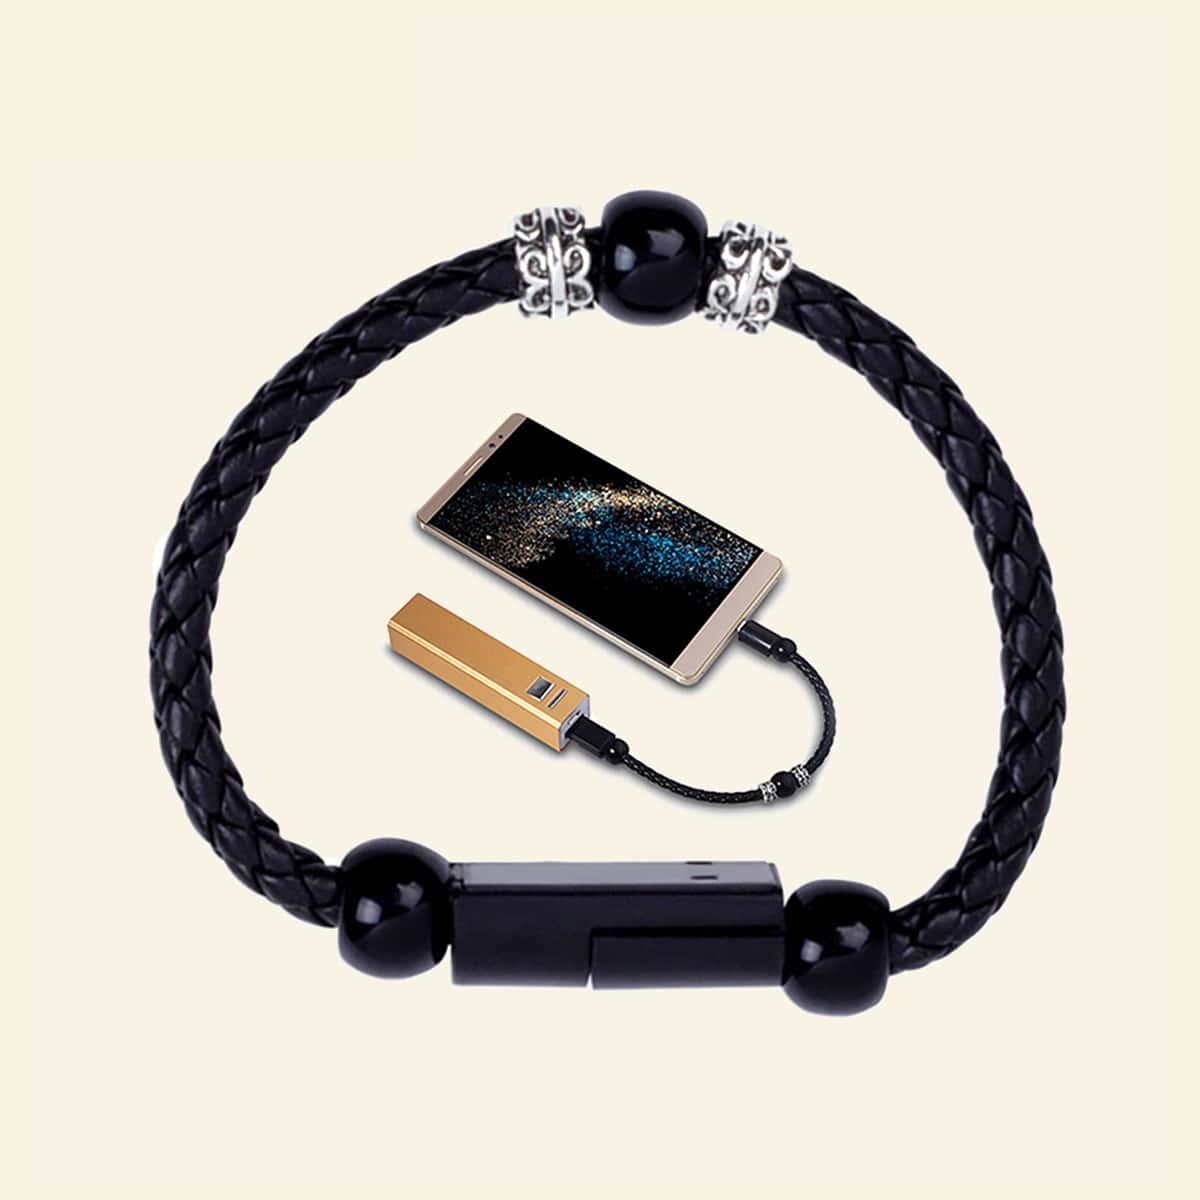 1шт Творческий браслет типа C кабель для передачи данных фото